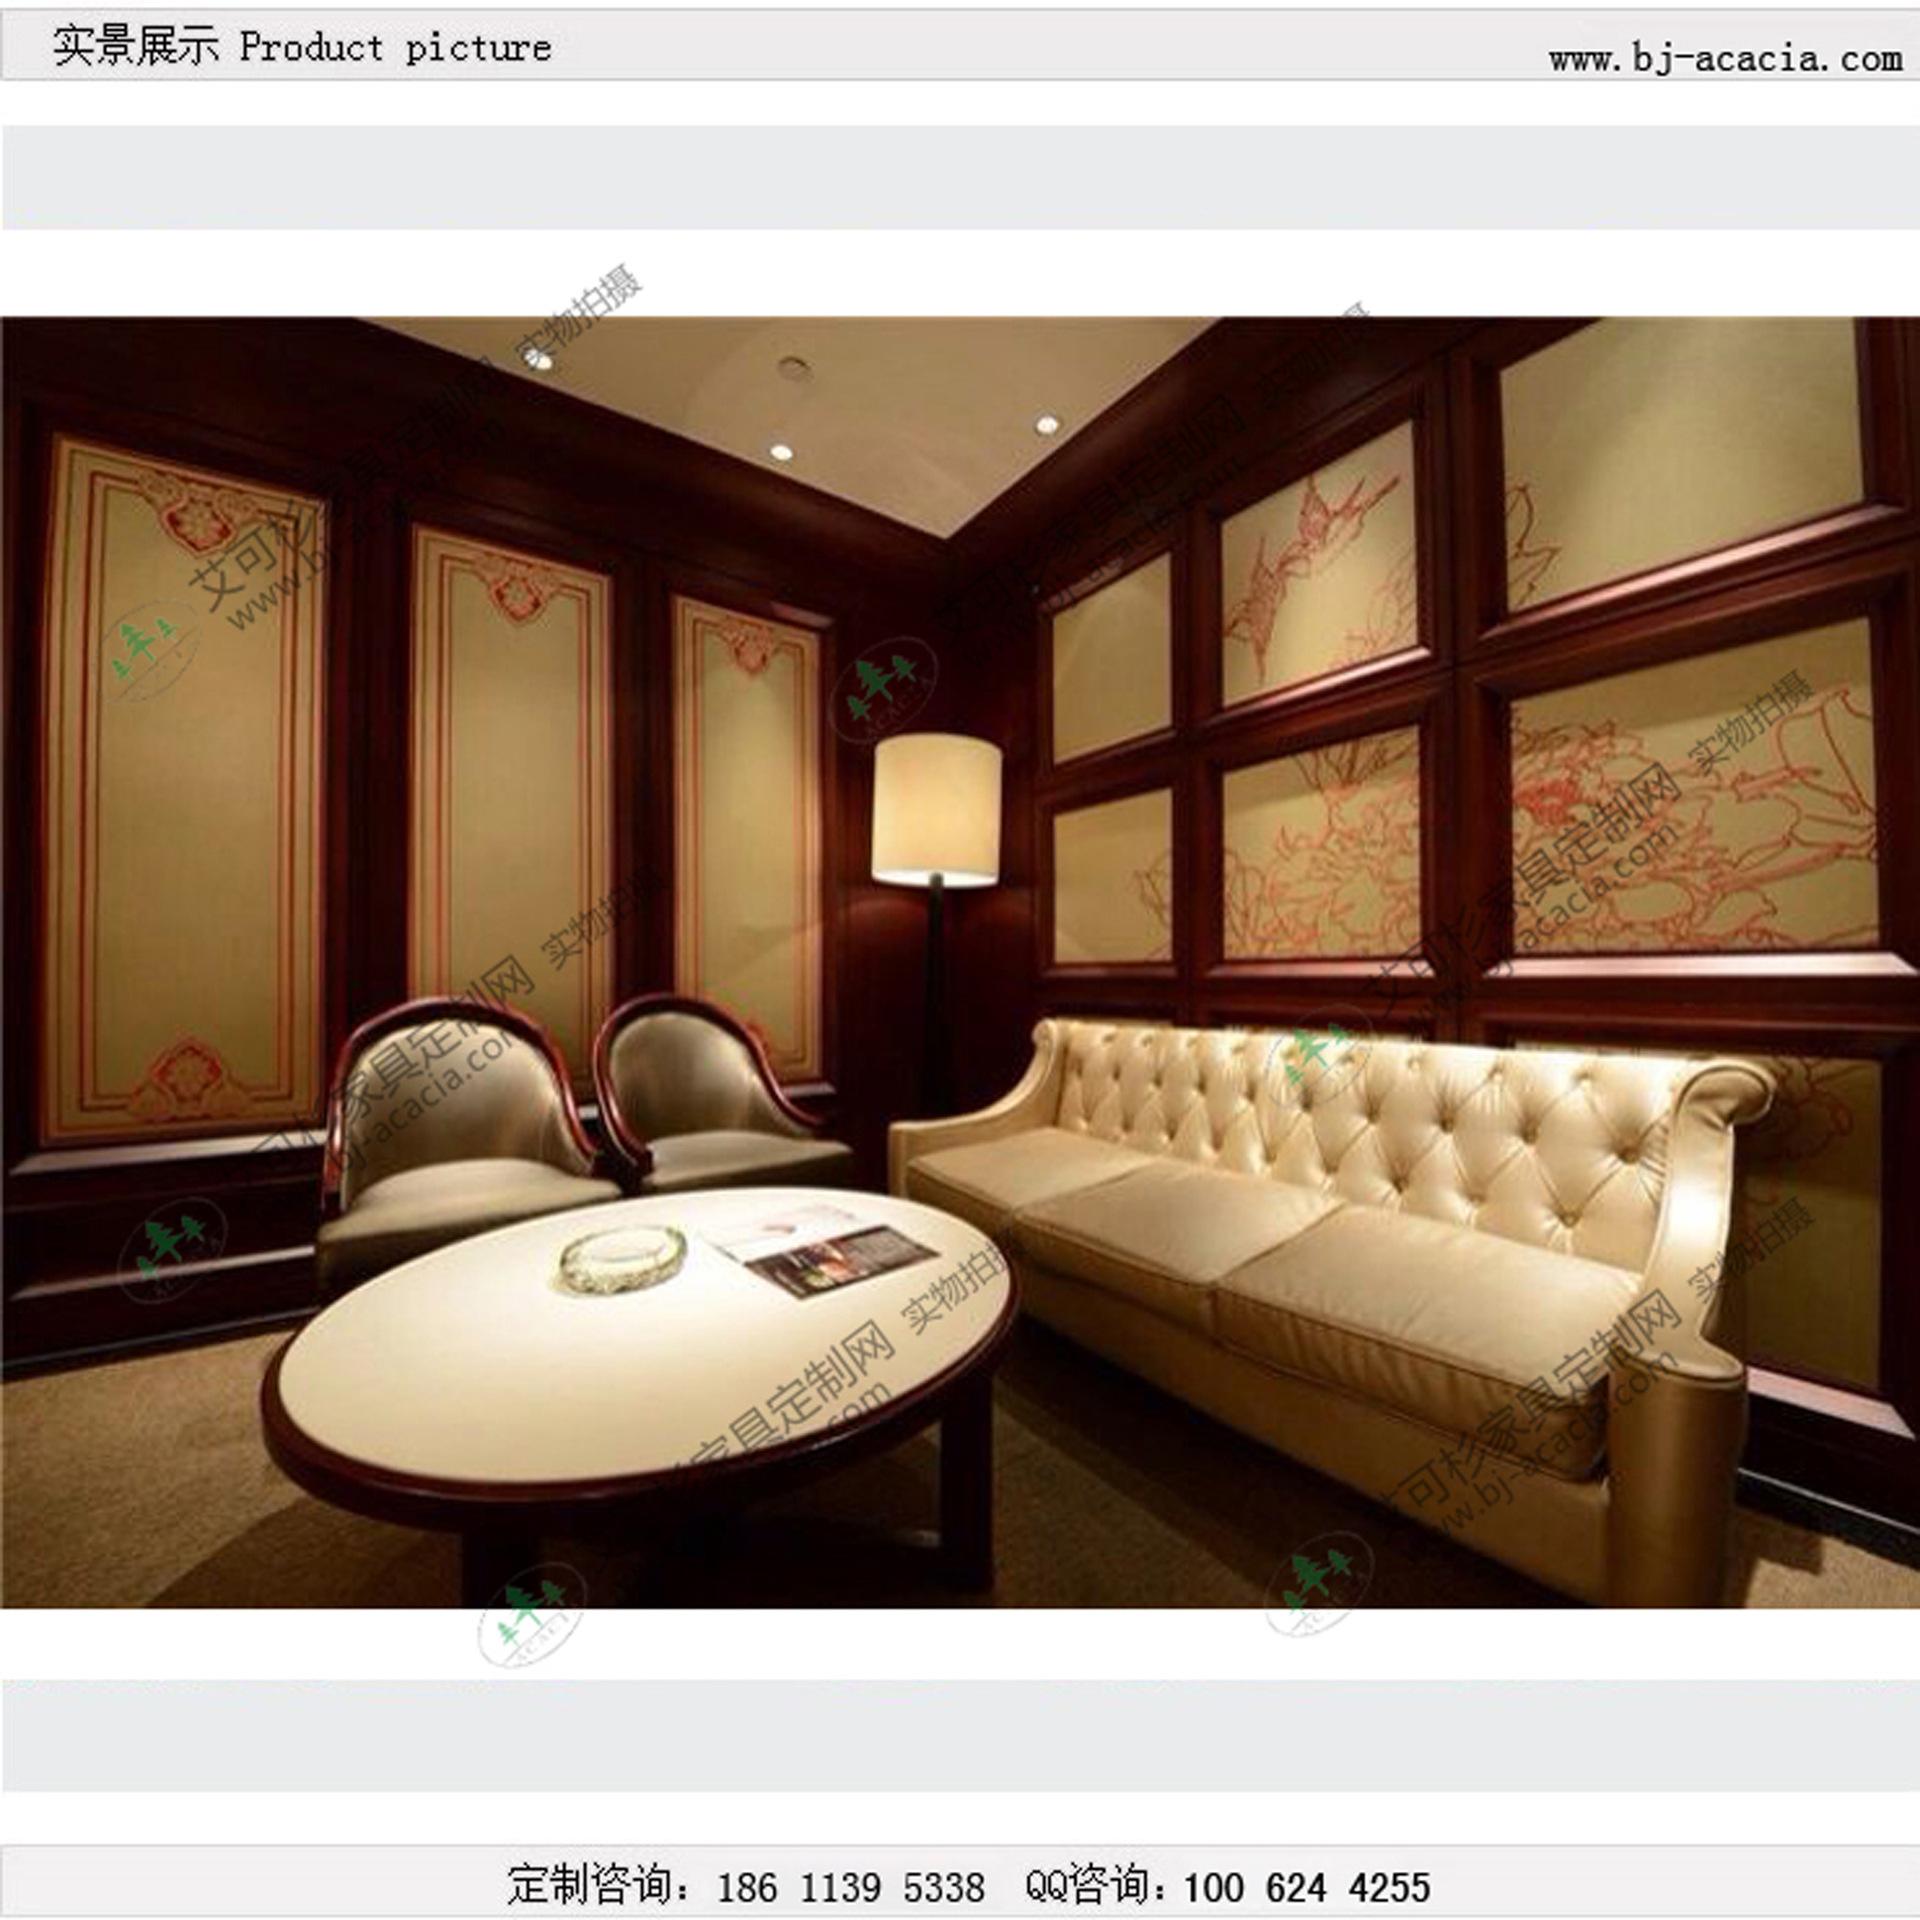 高档别墅家具沙发所人文酒店定制实木软包餐成家私人家具图片